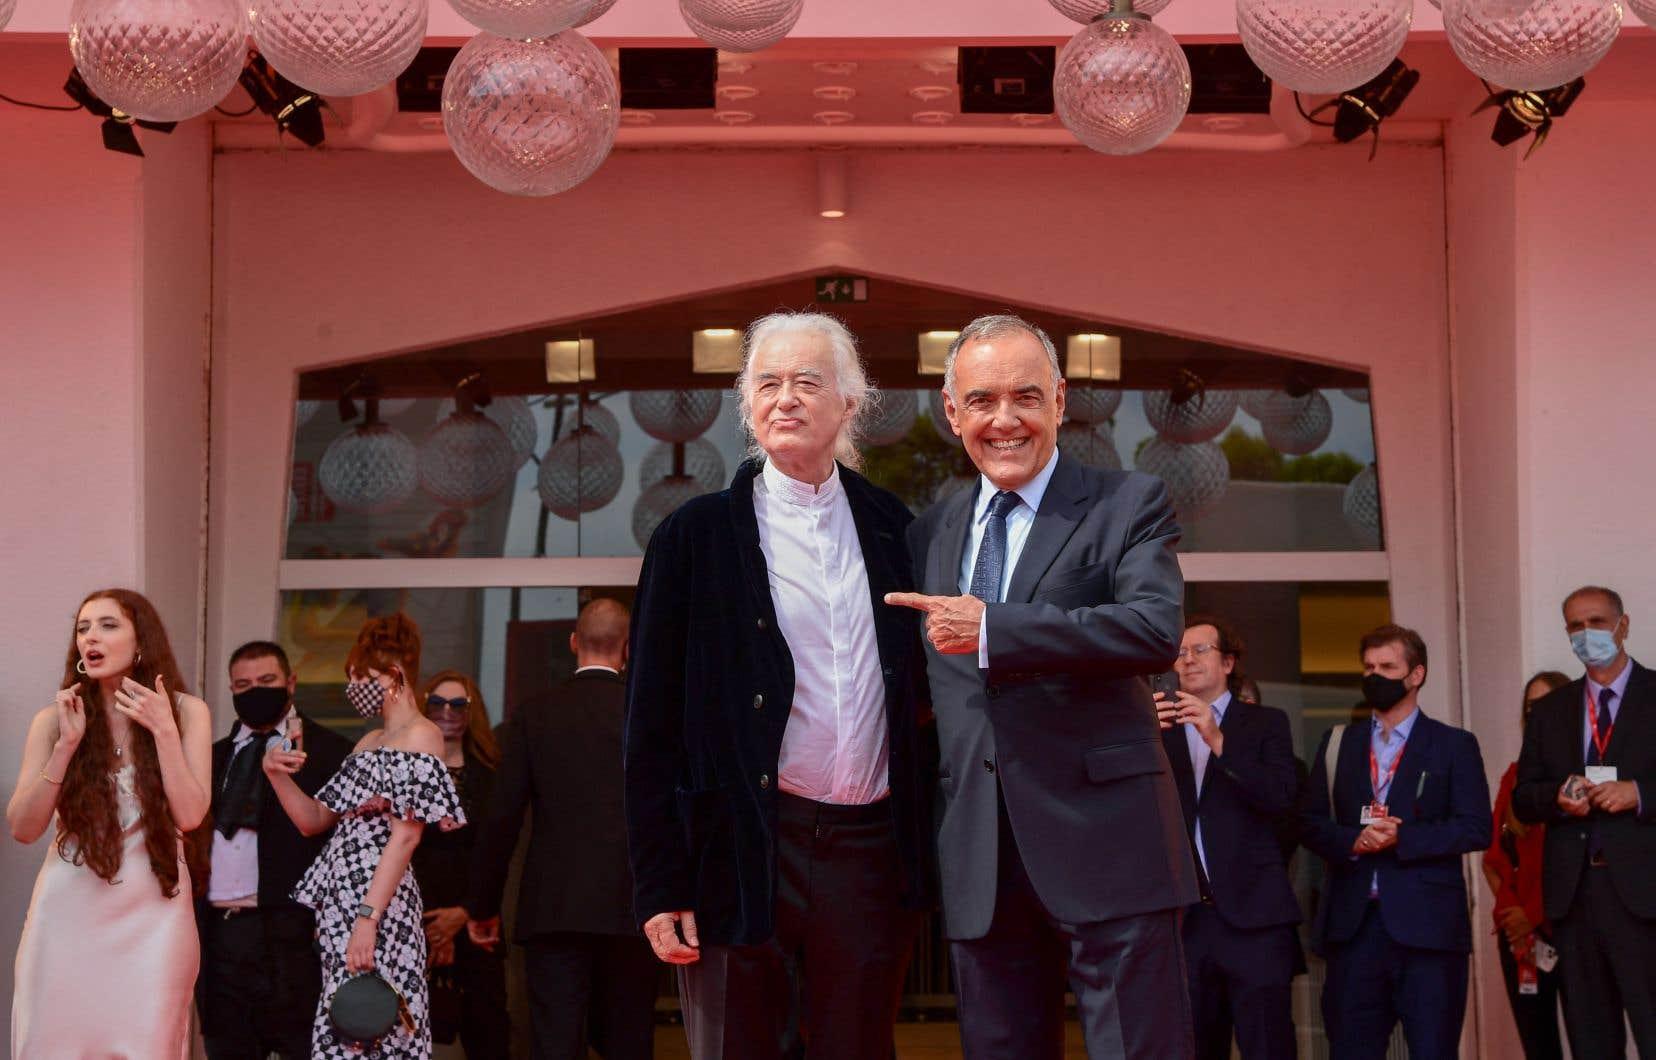 Le directeur du 78e festival de Venise, Alberto Barbera (à droite), accueille le guitariste, producteur de musique et fondateur du groupe Led Zeppelin, Jimmy Page, à la présentation du documentaire «Becoming Led Zeppelin».